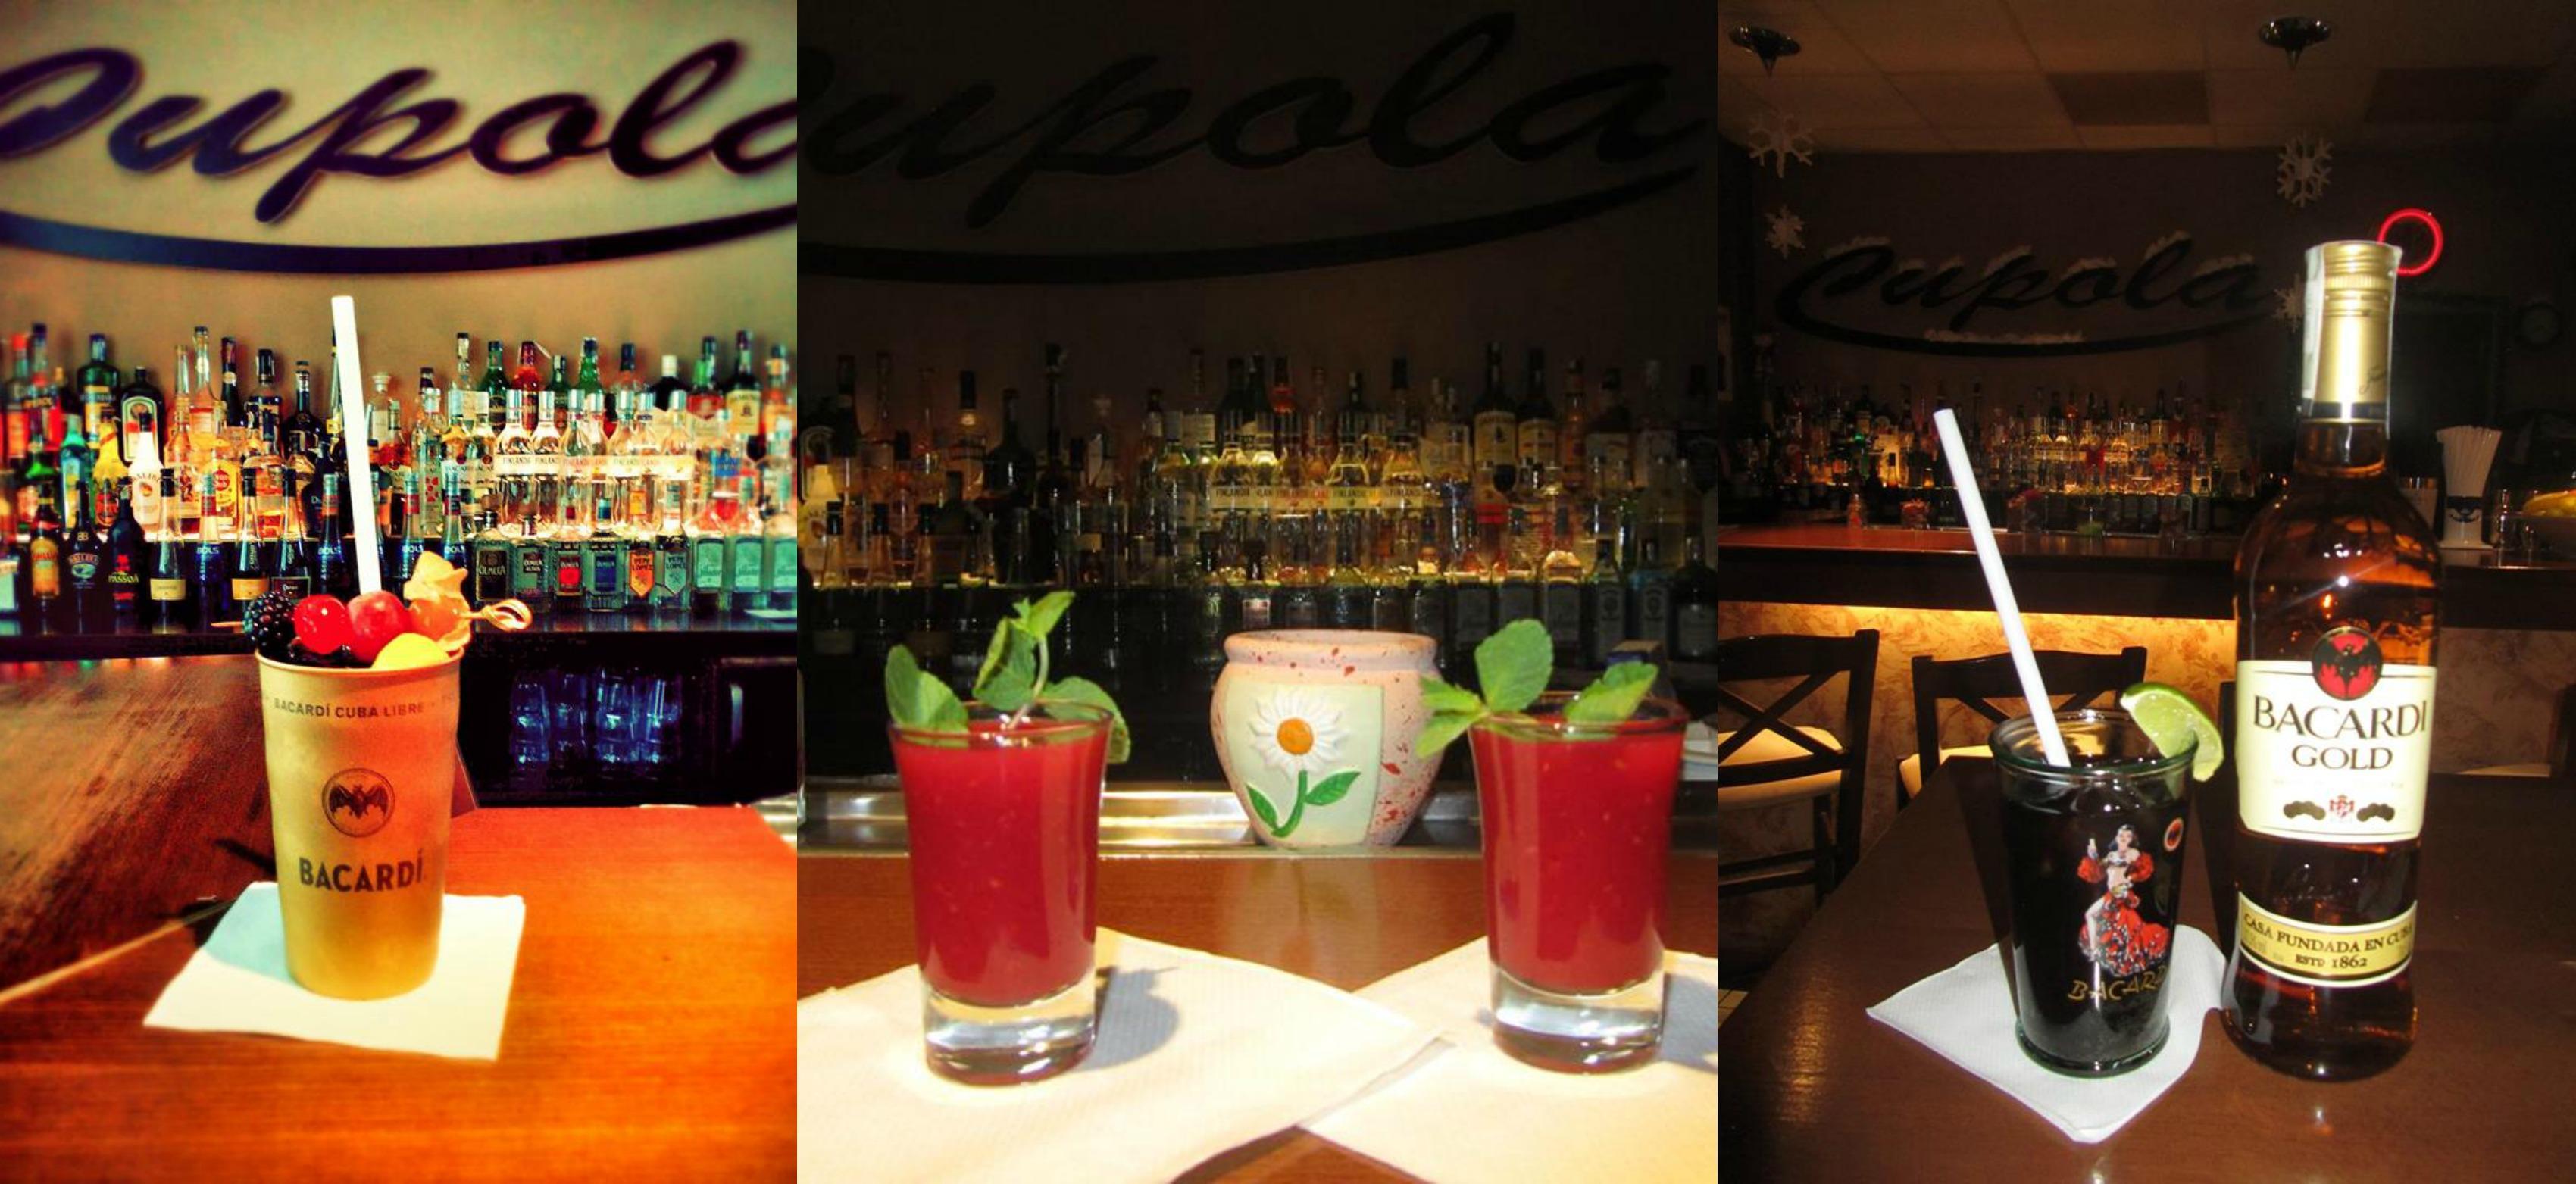 cupola bar miešané drinky